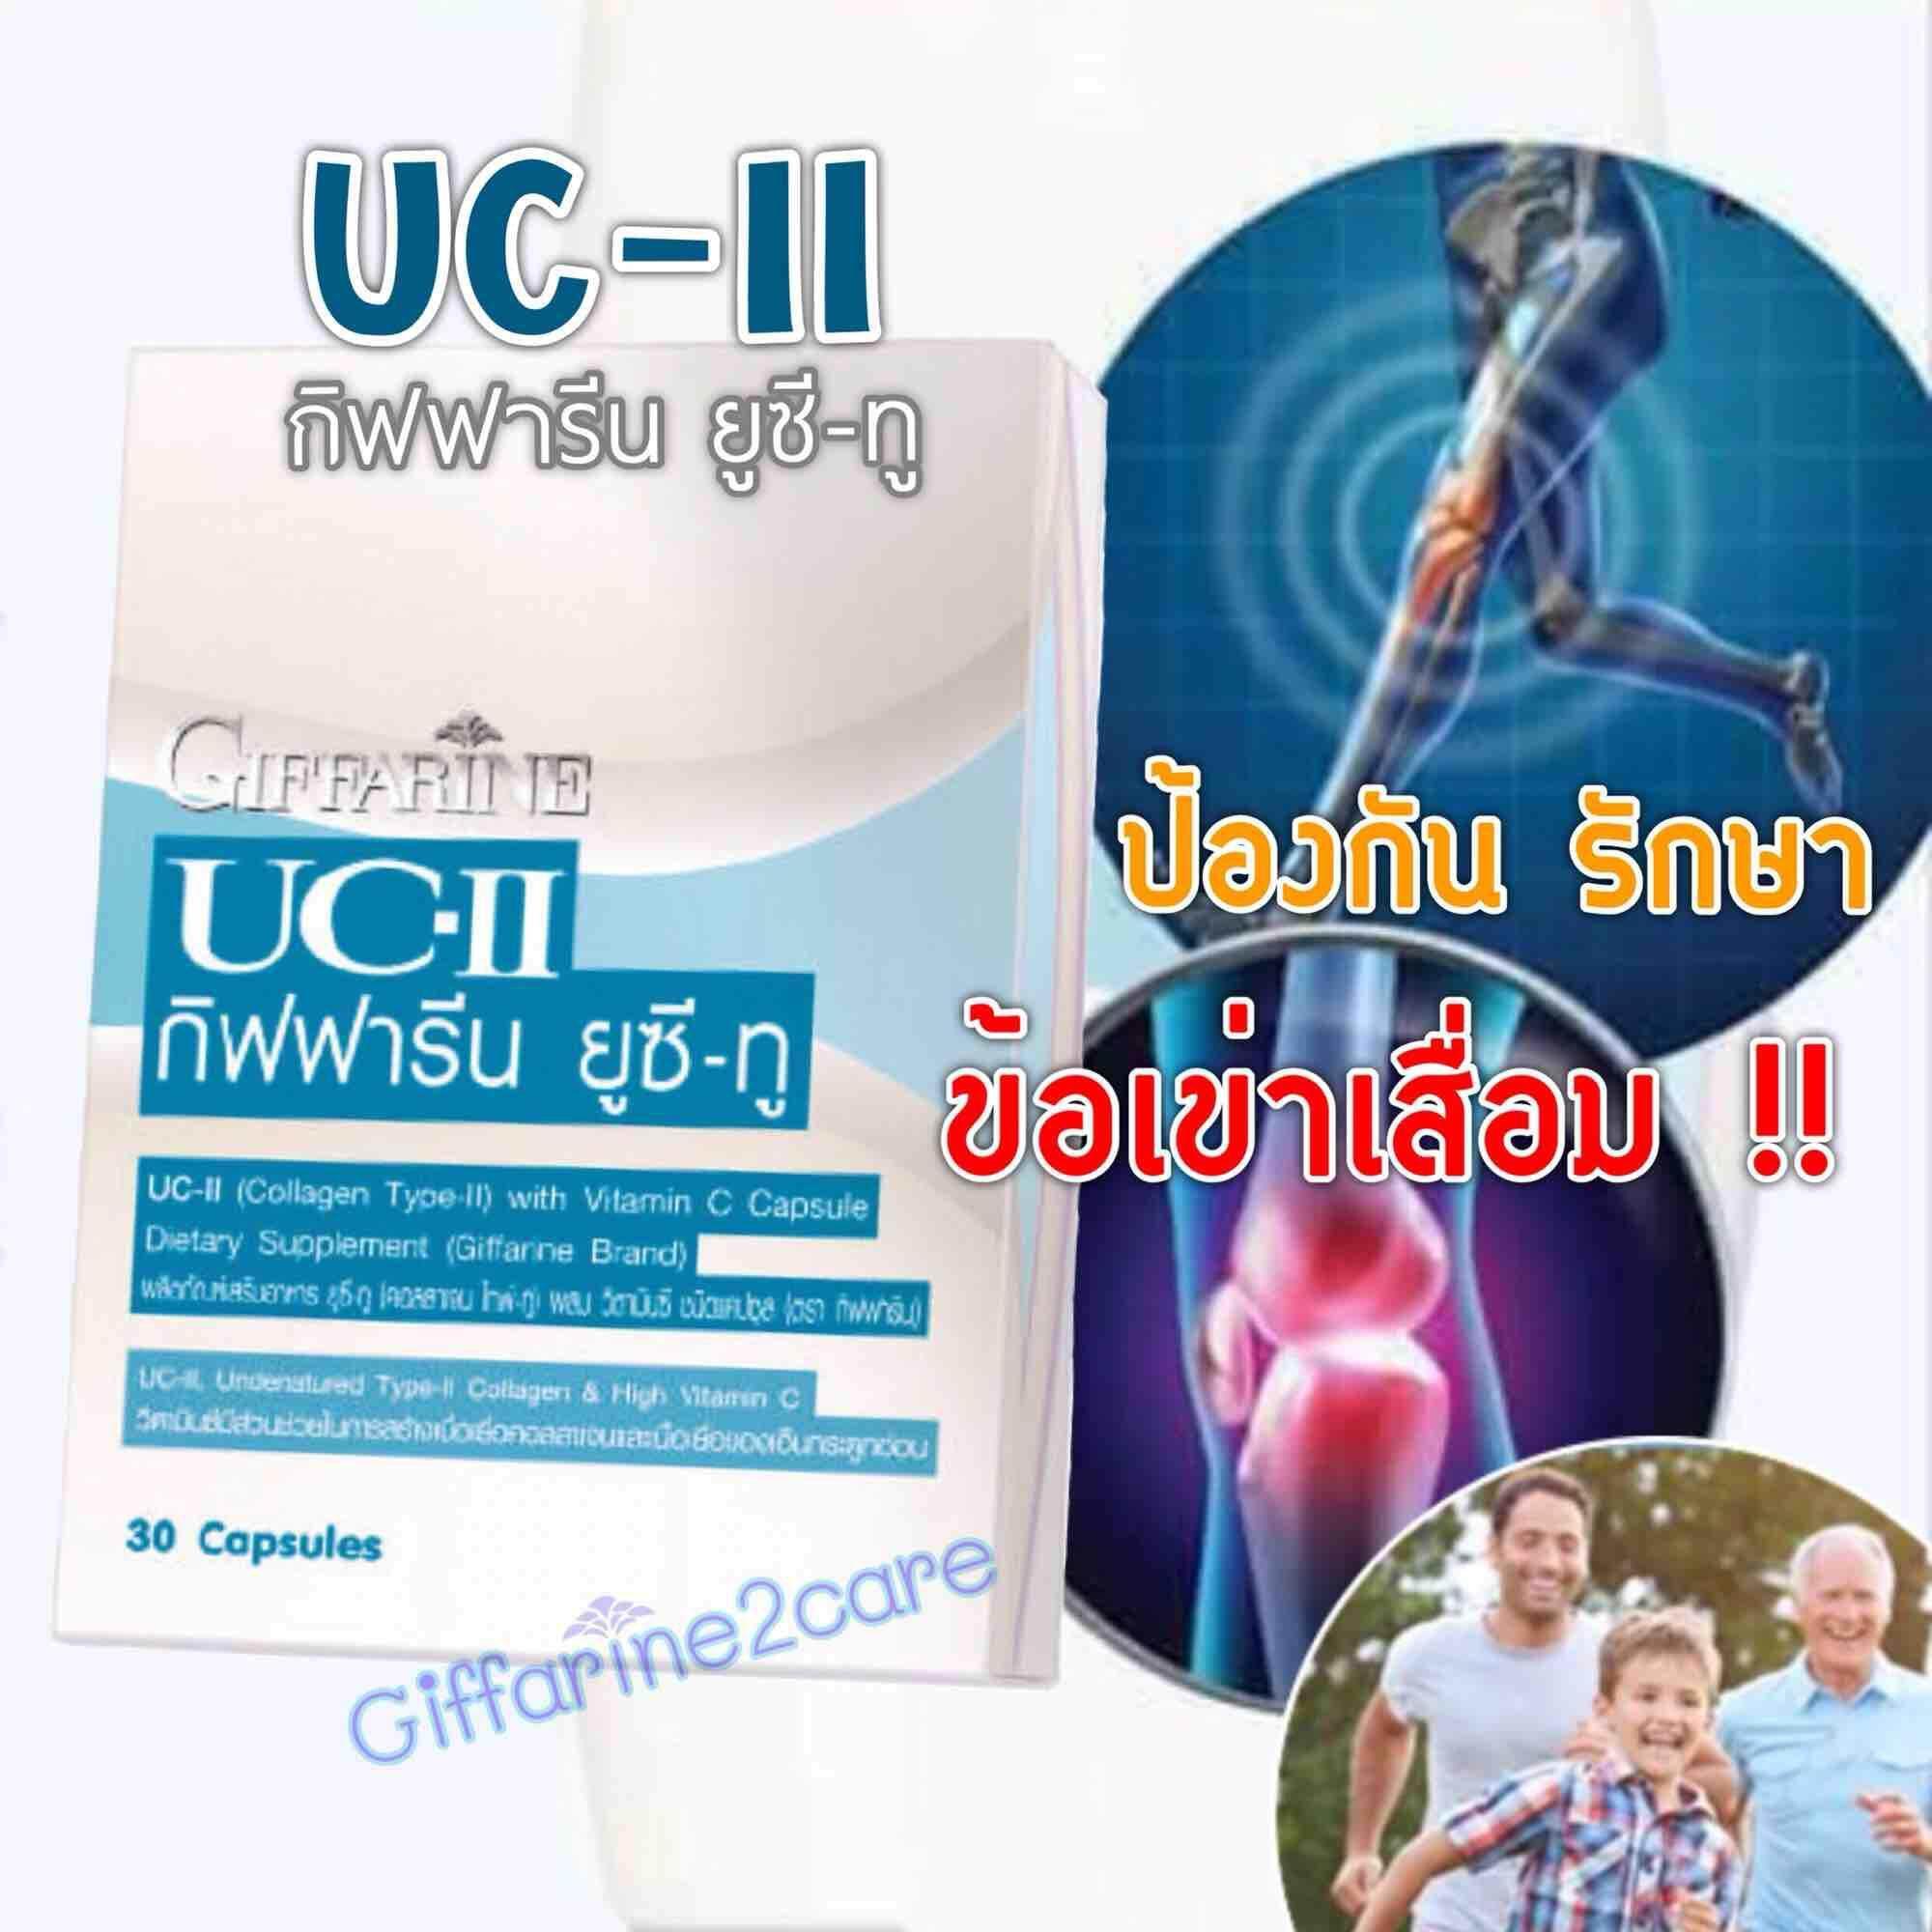 Giffarine ยูซีทู Collagen Type Ii สารสกัดจากอเมริกา แก้ปัญหา โรคข้อเสื่อม เข่าเสื่อม ปวดข้อ ปวดเข่า (30 แคปซูล) กิฟฟารีน คอลลาเจน ไทพ์ทู Ucii Uc2 By Giffarine2care.